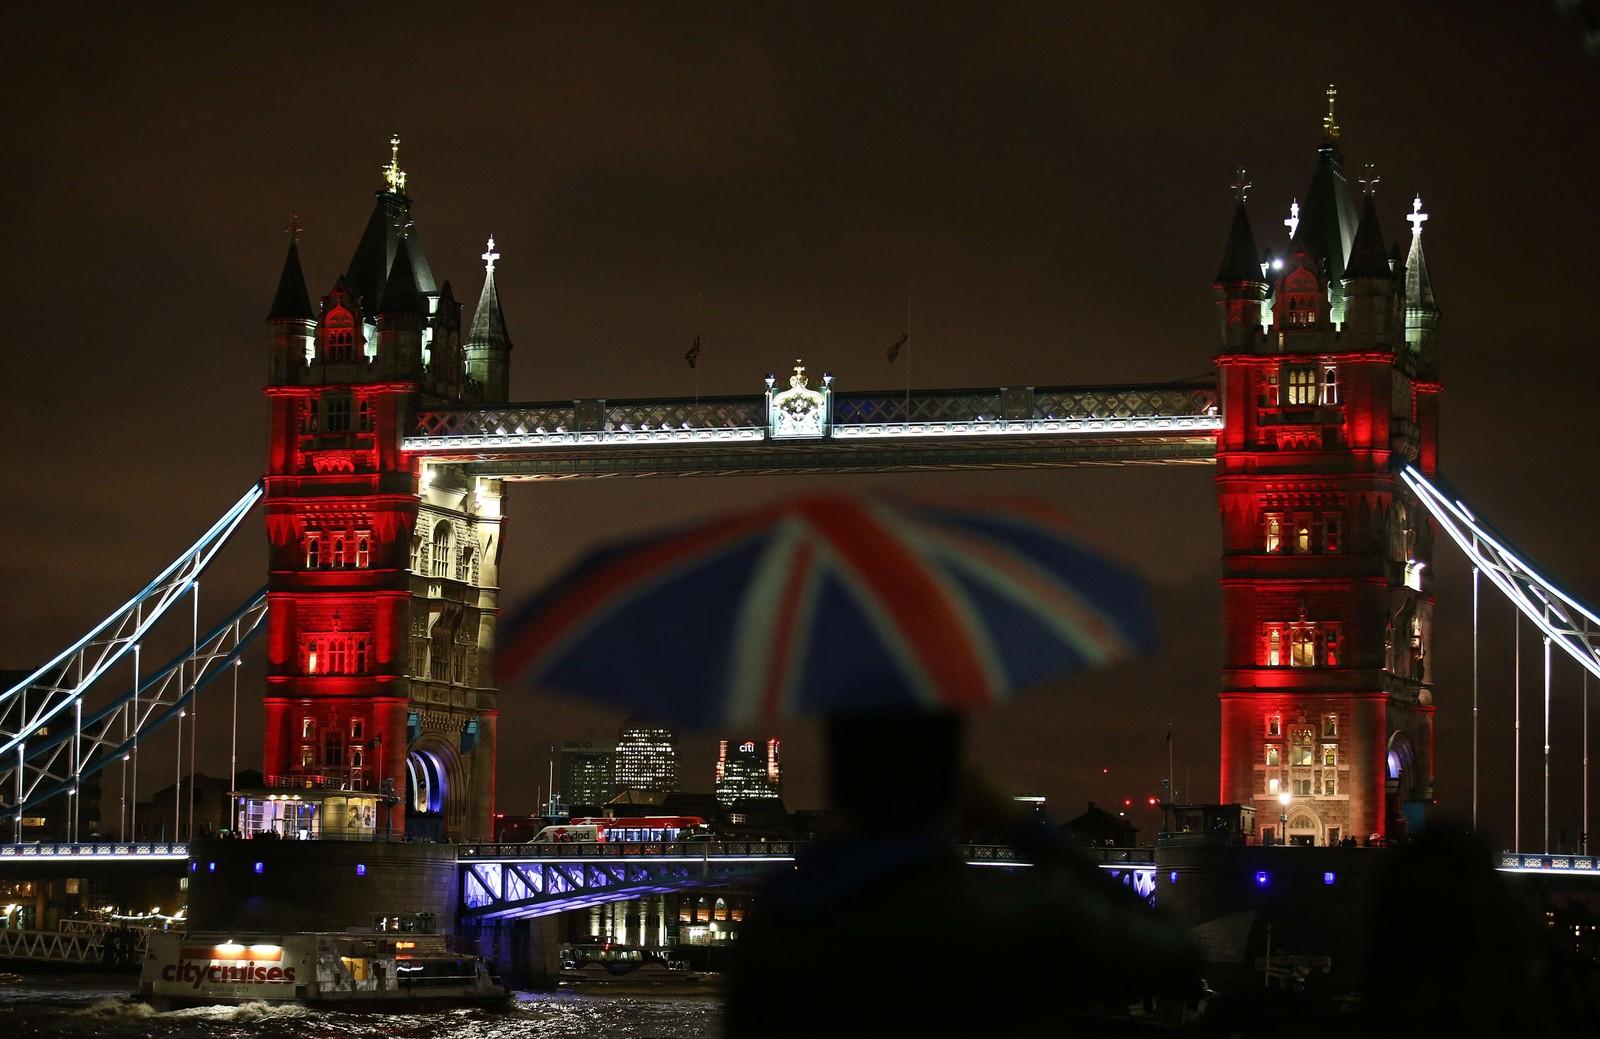 En mann beskytter seg fra regnet med en paraply i det britiske flagget. Bak ham lyses Londons ikoniske «Tower Bridge» opp i Frankrikes farger.